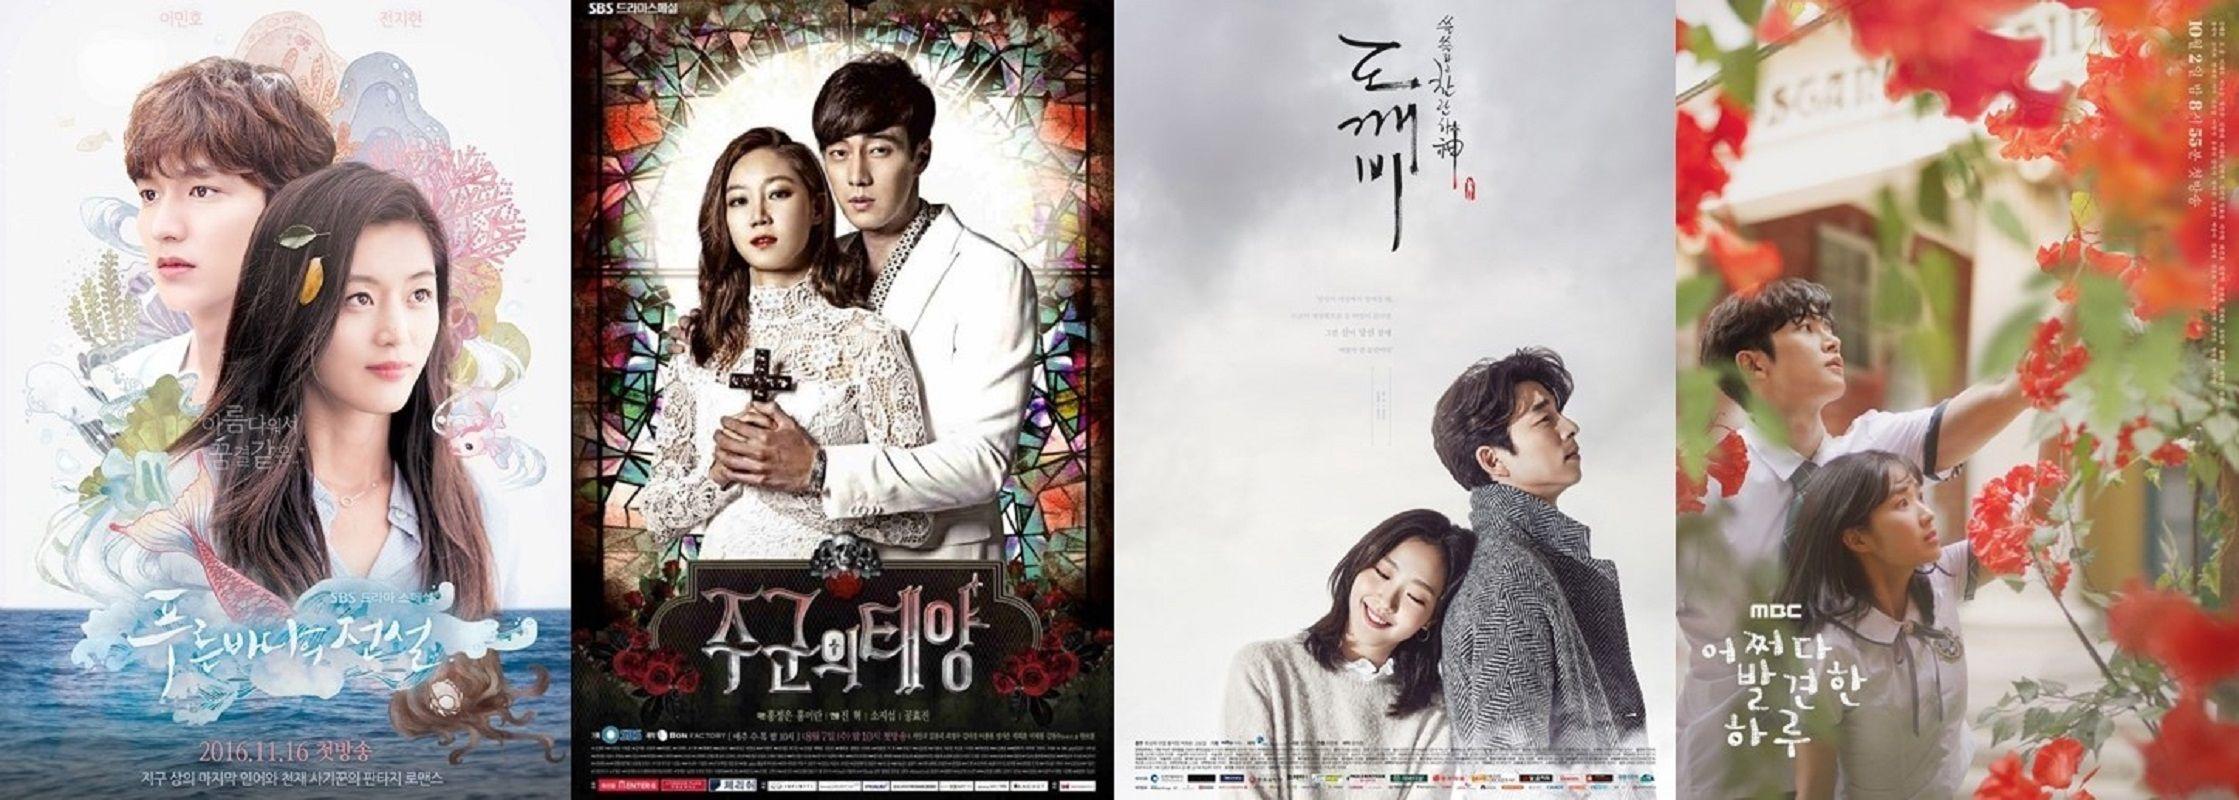 مسلسلات كورية رومانسية وخيالية أنعش ع زلتك بنكهة من عالم الفانتازيا Blog Book Cover Romantic